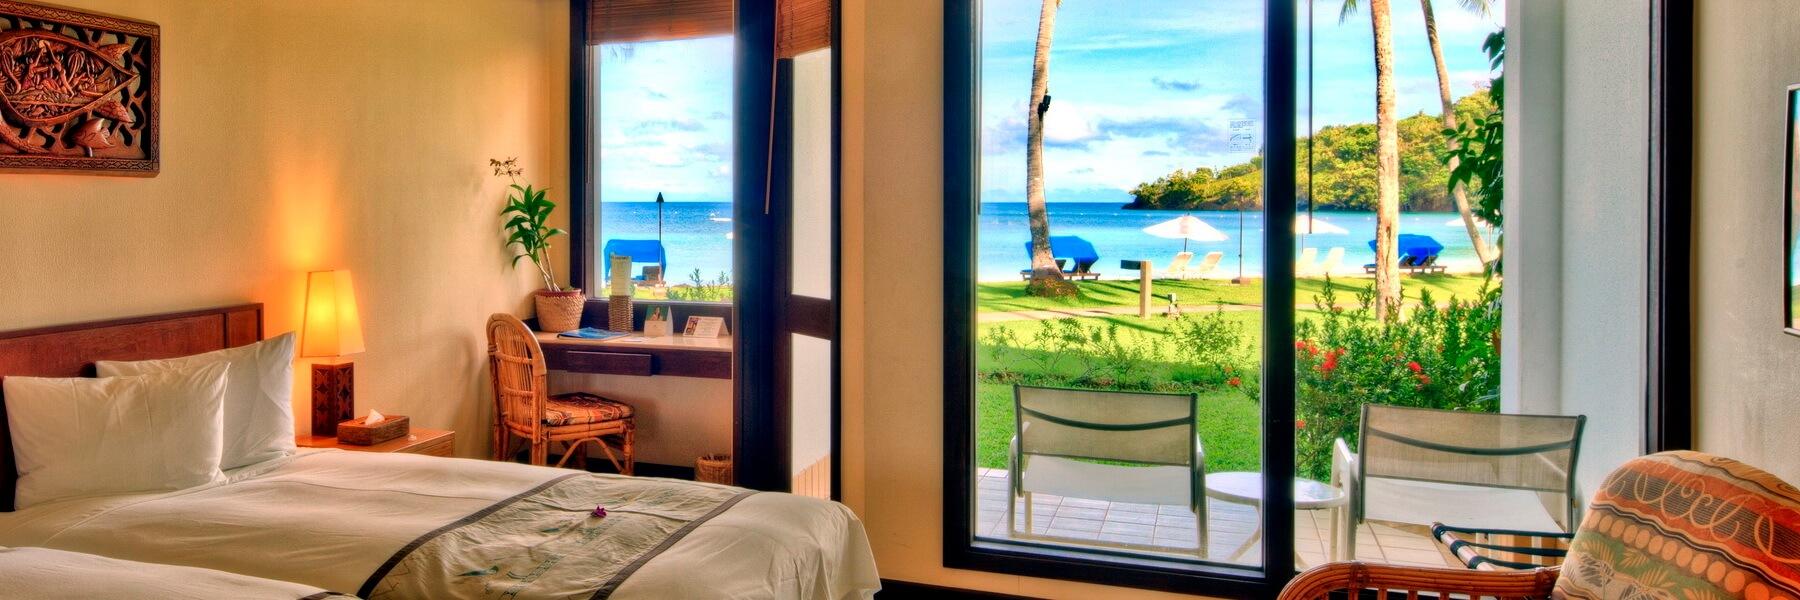 Die Oceanview Zimmer des Palau Pacific Resorts verfügen über die gleiche Ausstattung wie die Gardenview Zimmer, jedoch mit Blick auf das Meer.